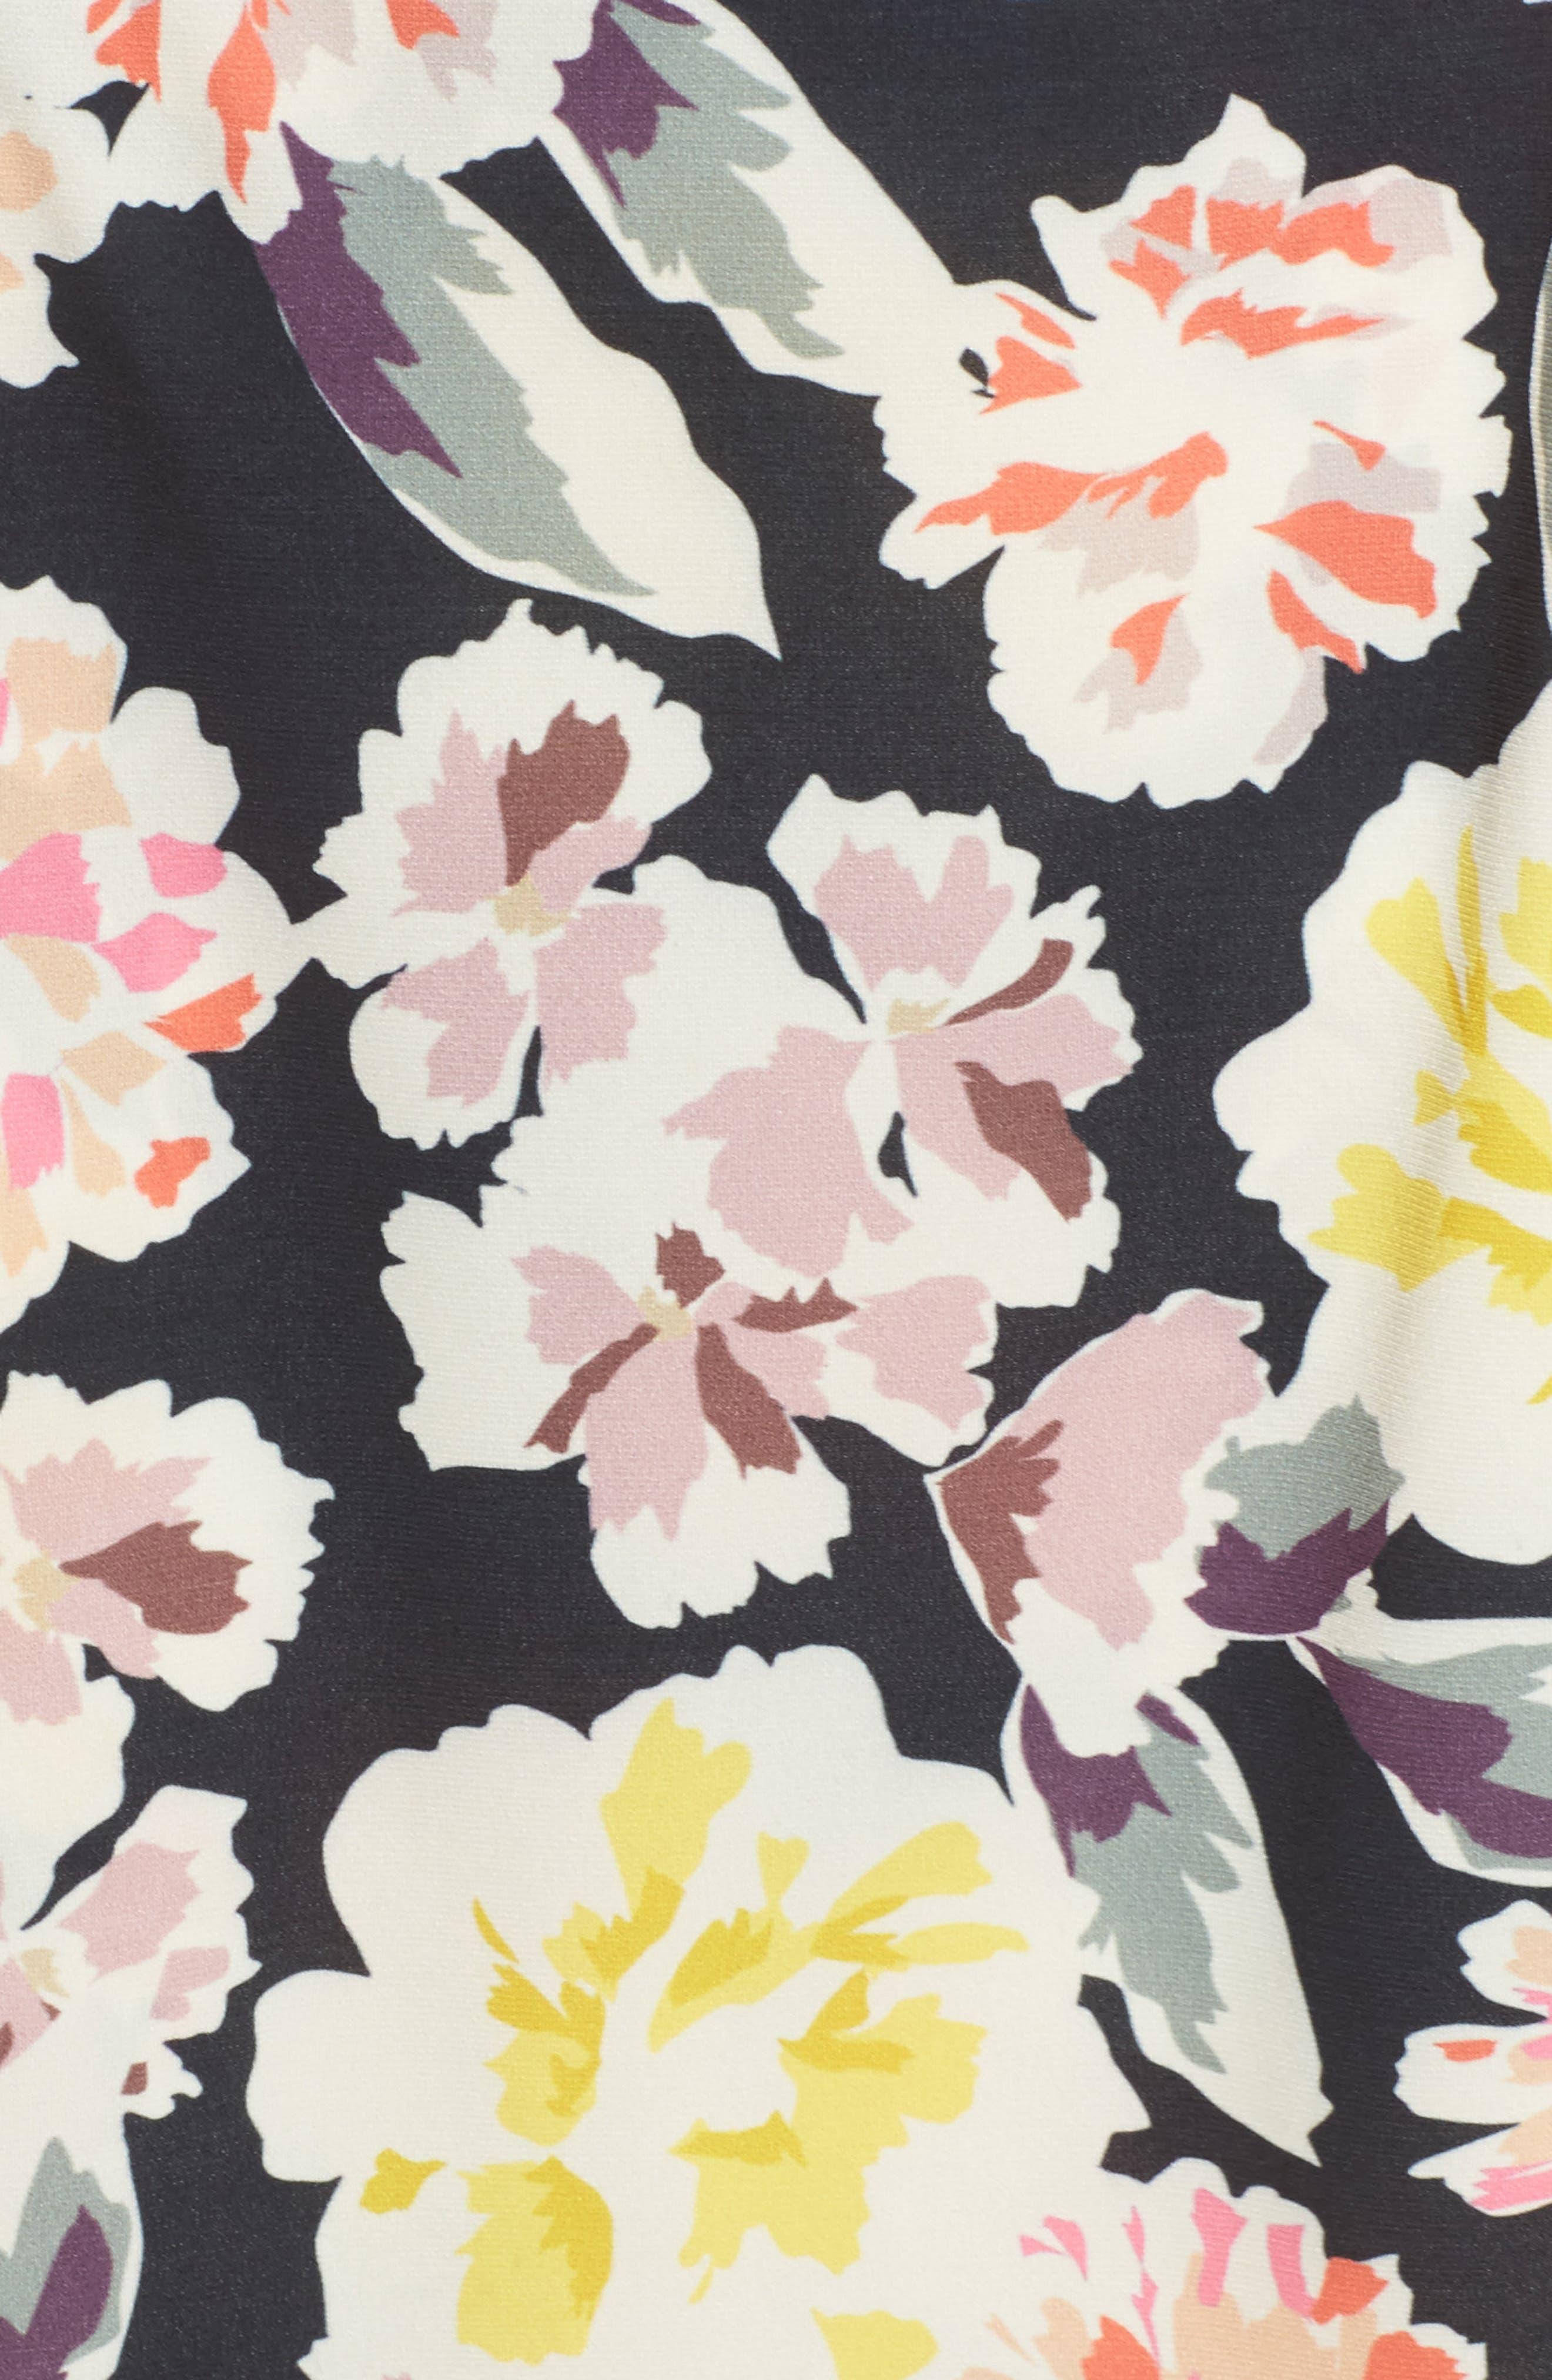 Enoshima Sheath Dress,                             Alternate thumbnail 5, color,                             Black Multi